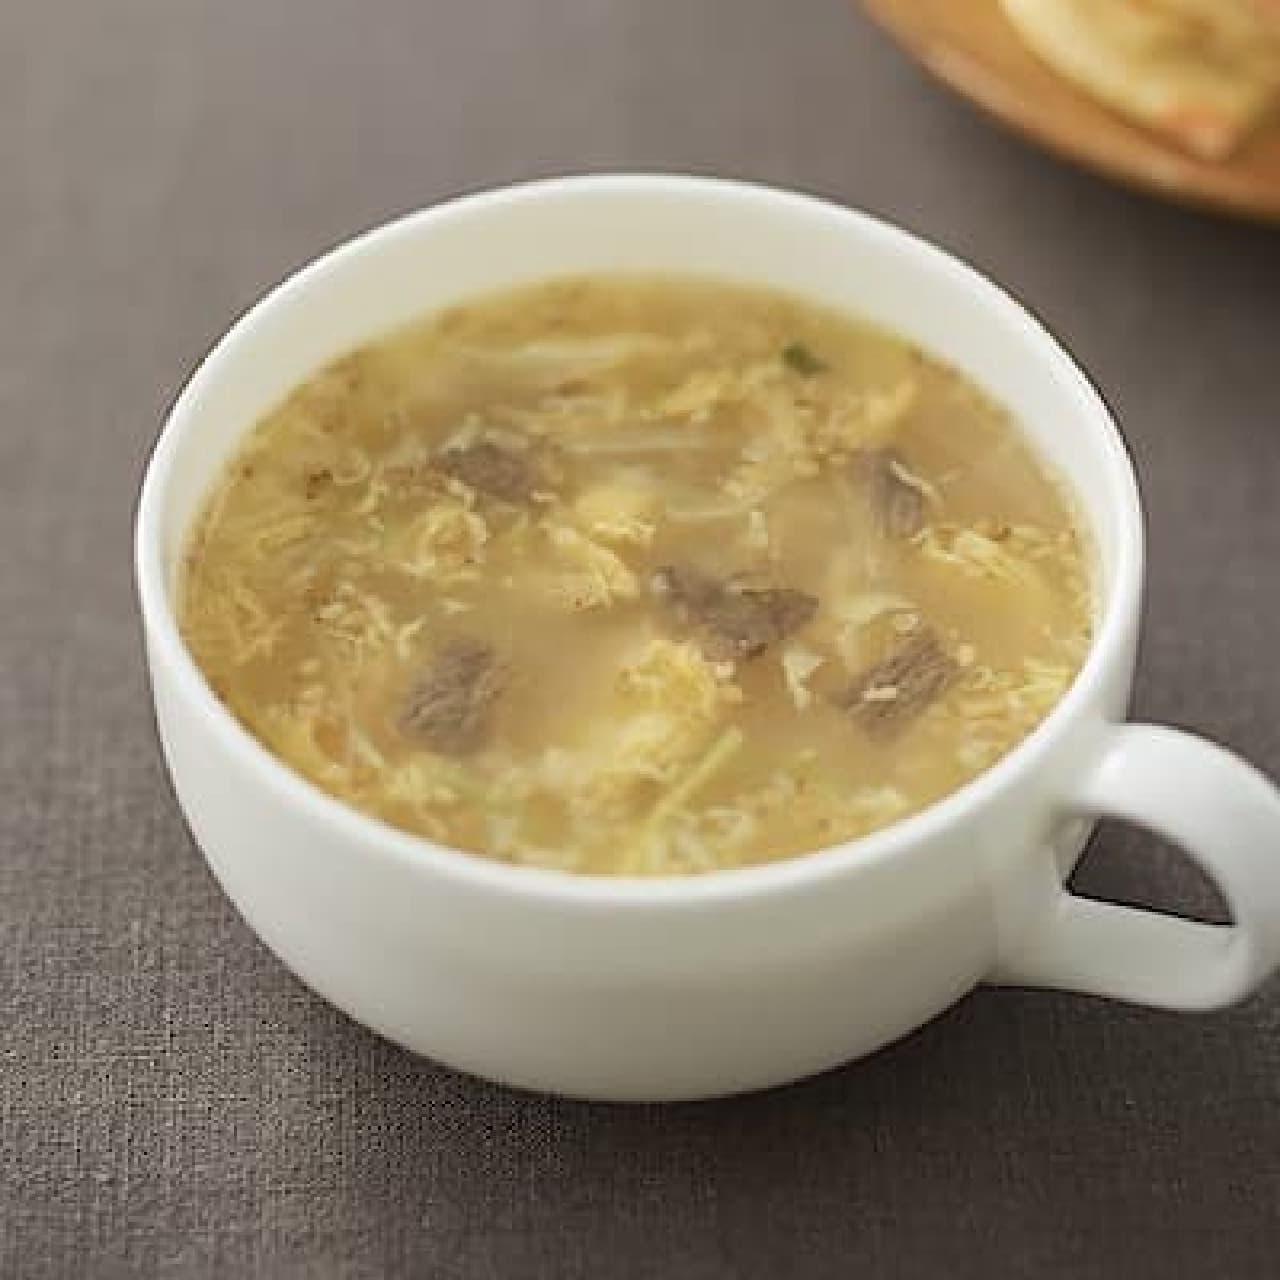 無印良品「食べるスープ コムタンスープ」